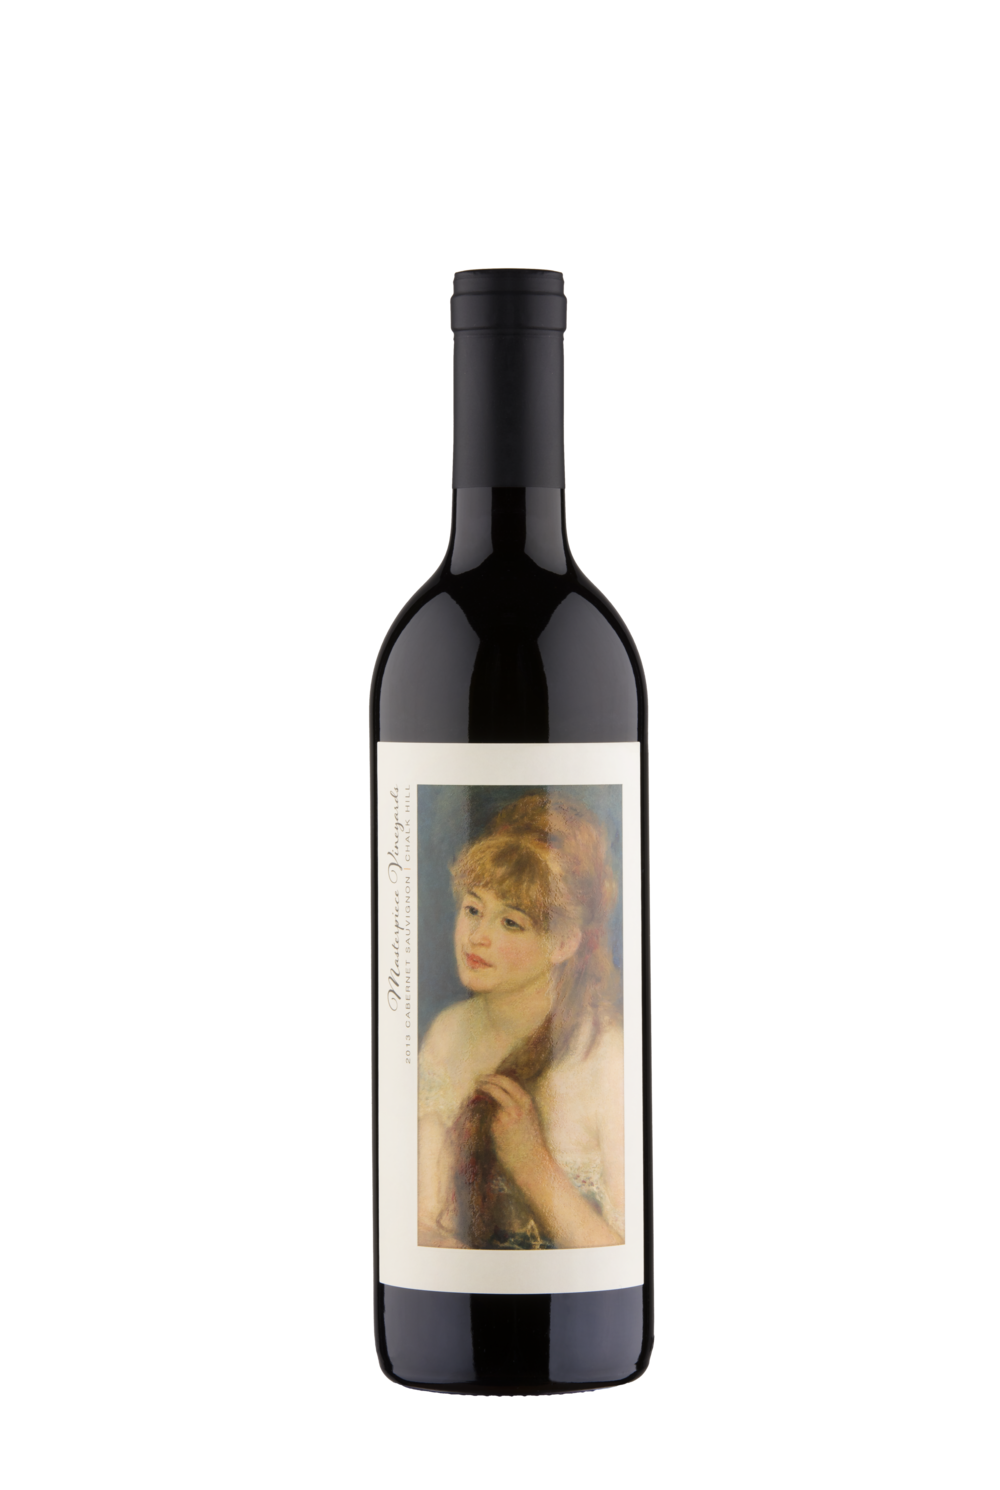 2013 Cabernet Sauvignon (transparent png)